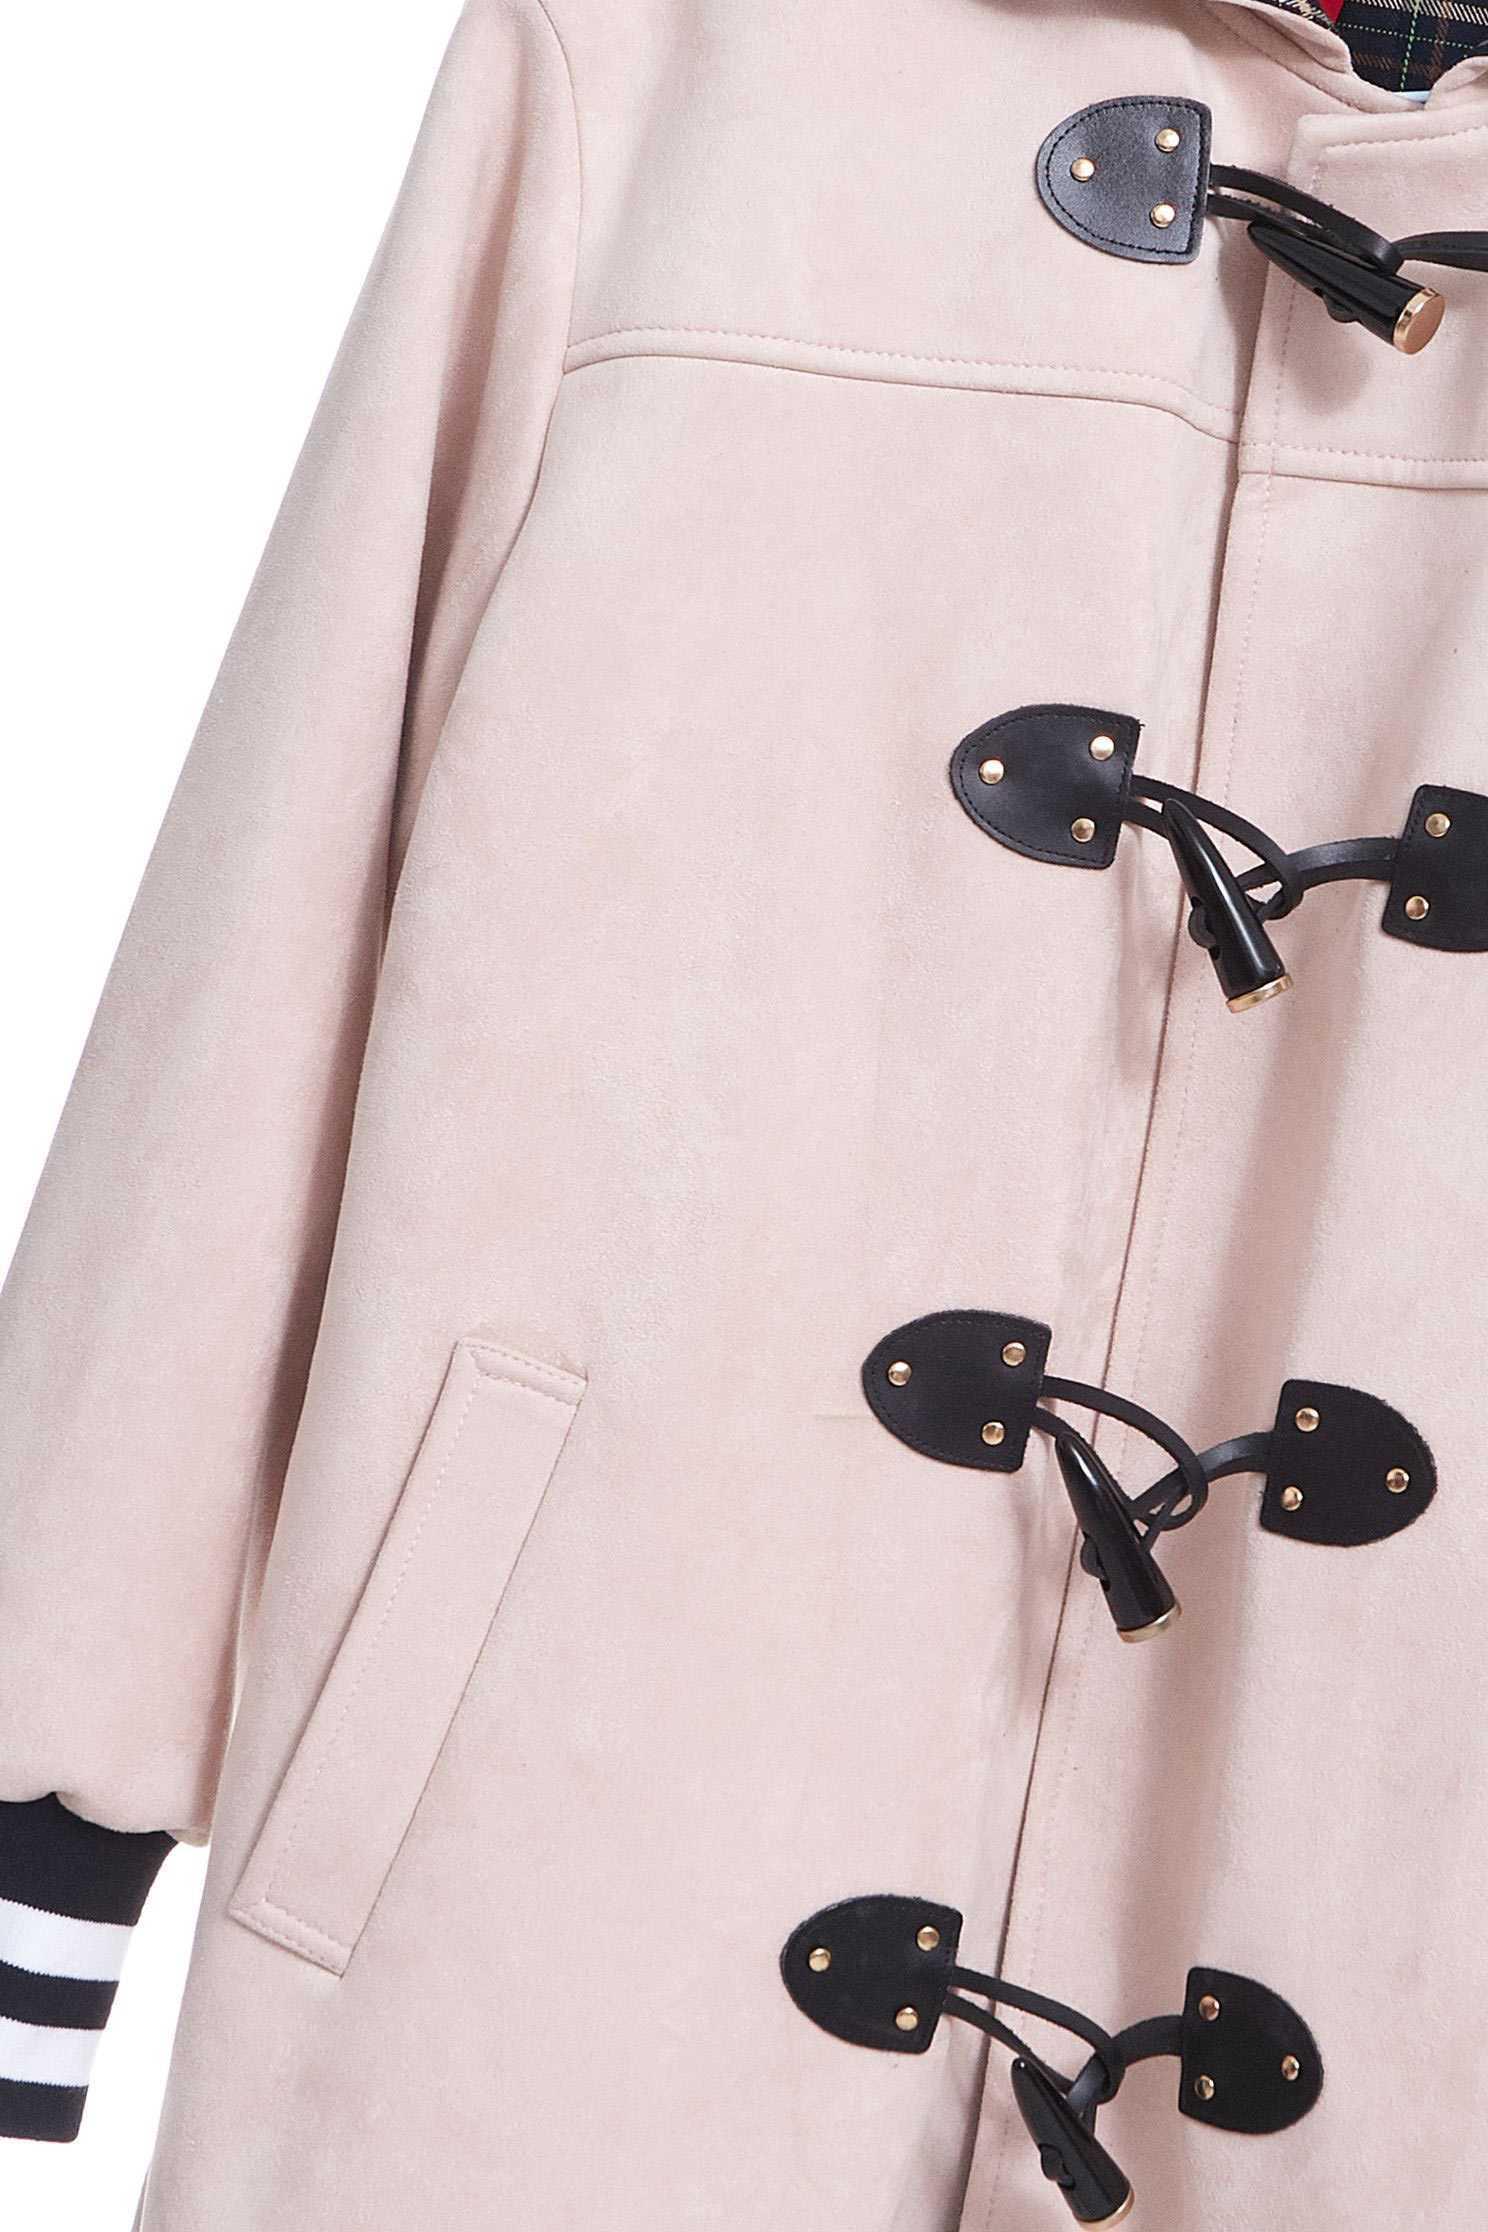 Horn bucklehood coat,jacket,coldforwinter,outerwear,hoodiejacket,longcoat,longsleeveouterwear